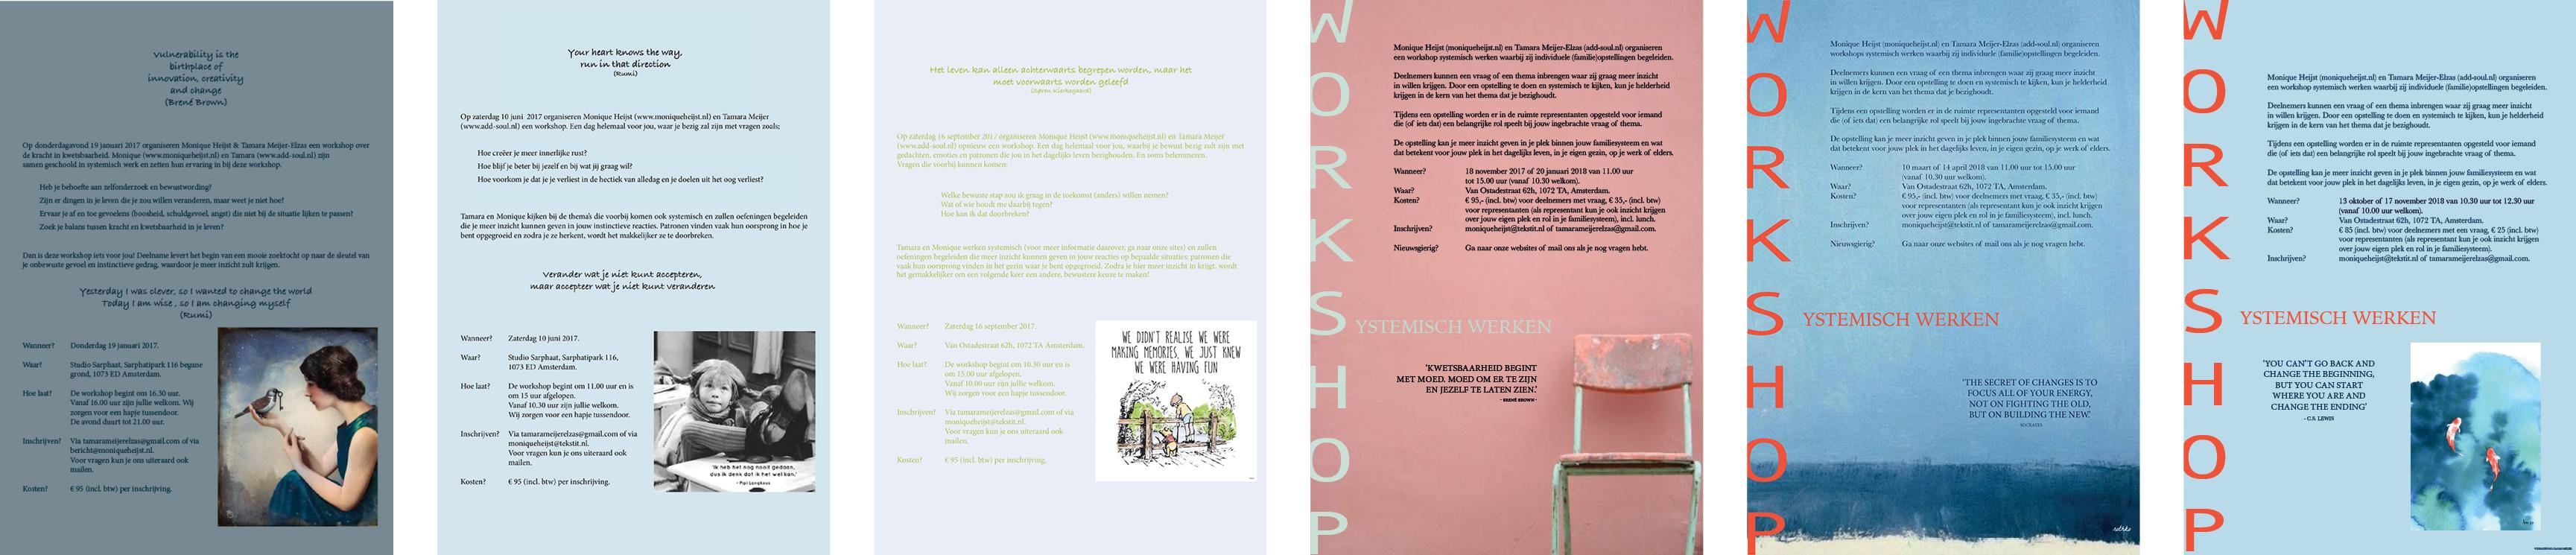 workshop monique heijst